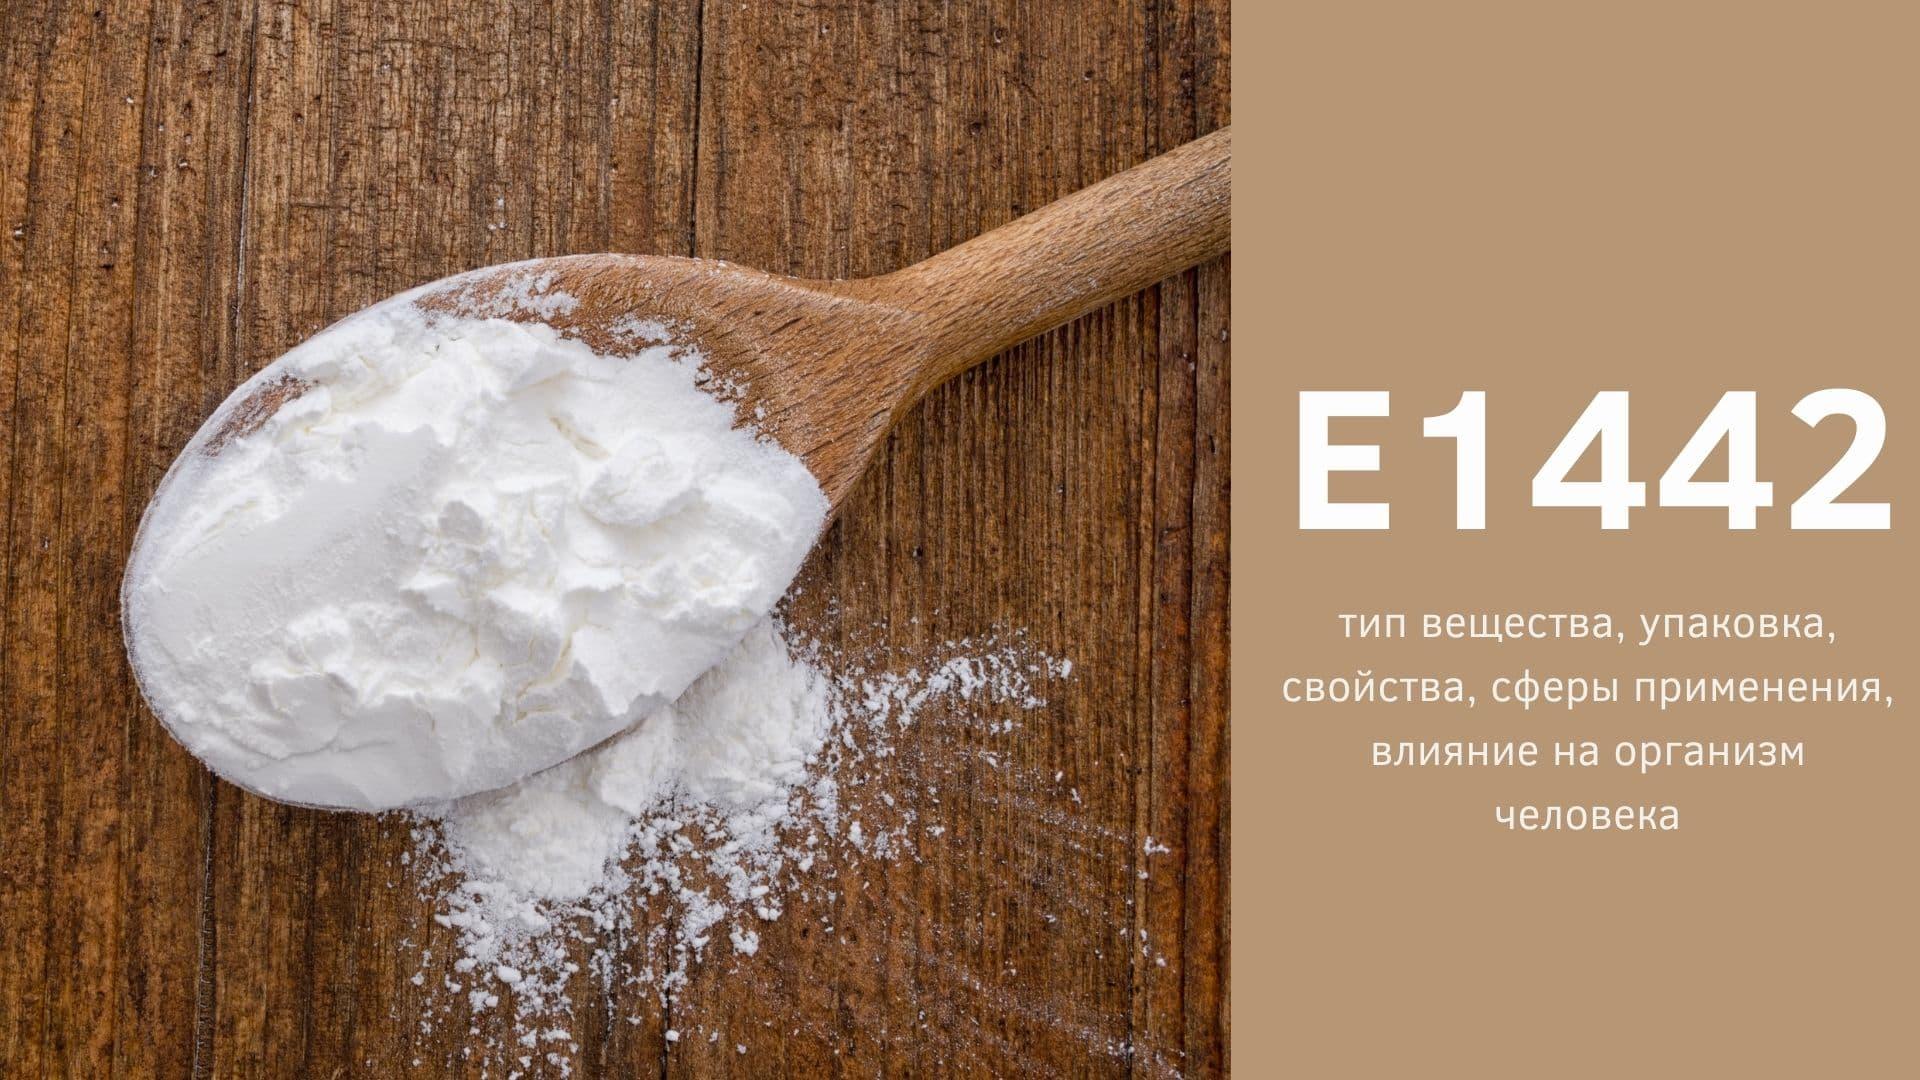 Е1442: тип вещества, упаковка, свойства, сферы применения, влияние на организм человека